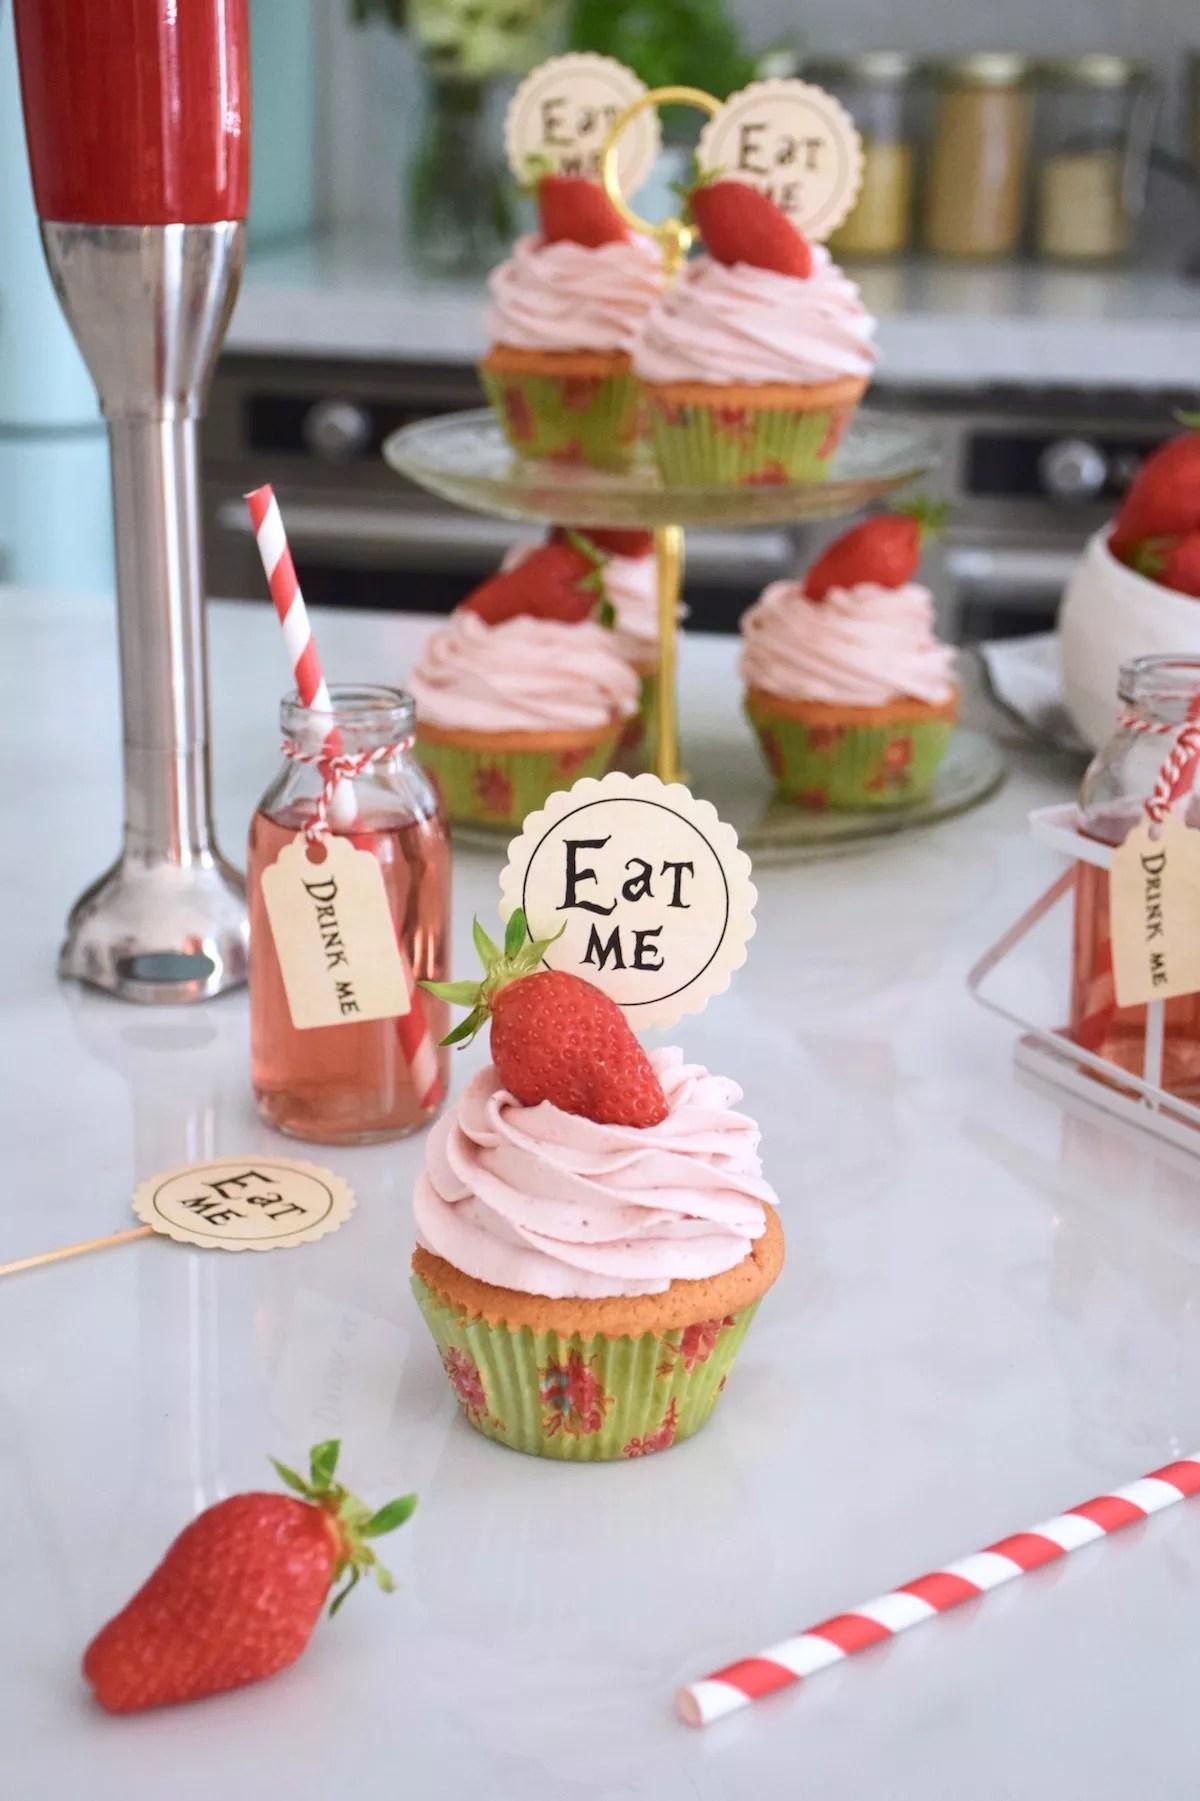 Parfaits cupcakes vanille fraise, ganache montée fraise